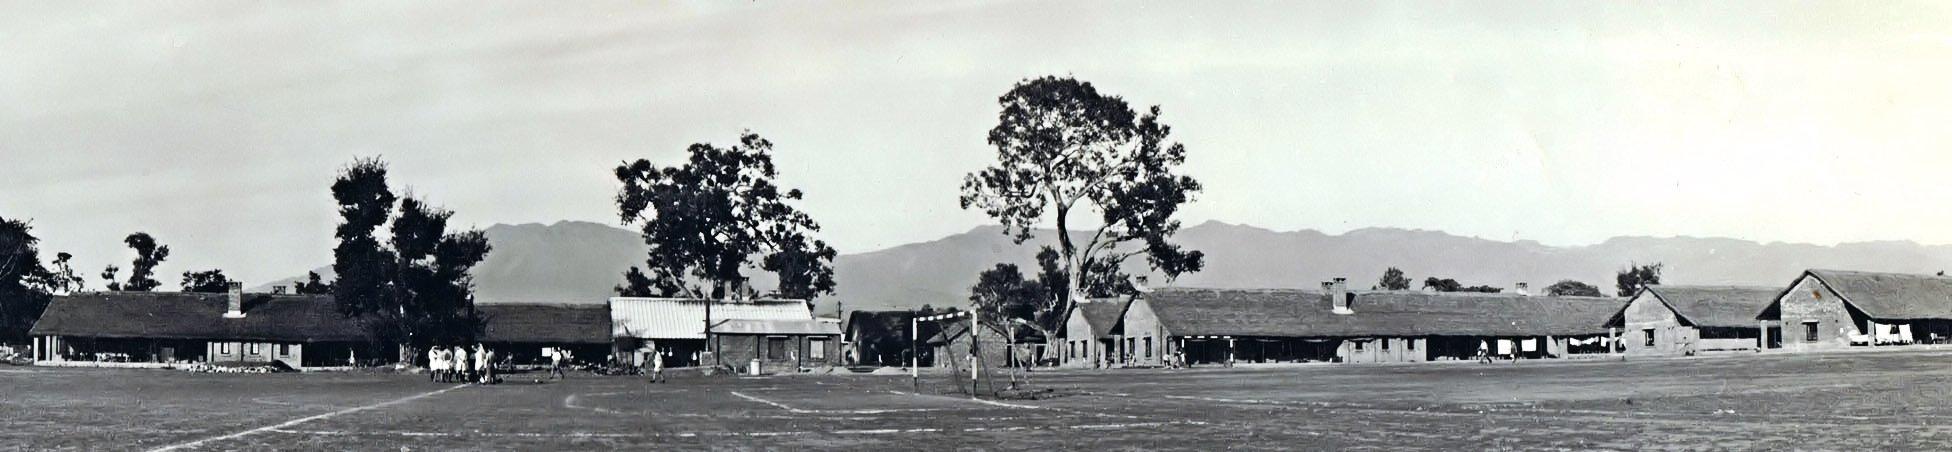 Dehra Dun Internment Camp 1942 campus